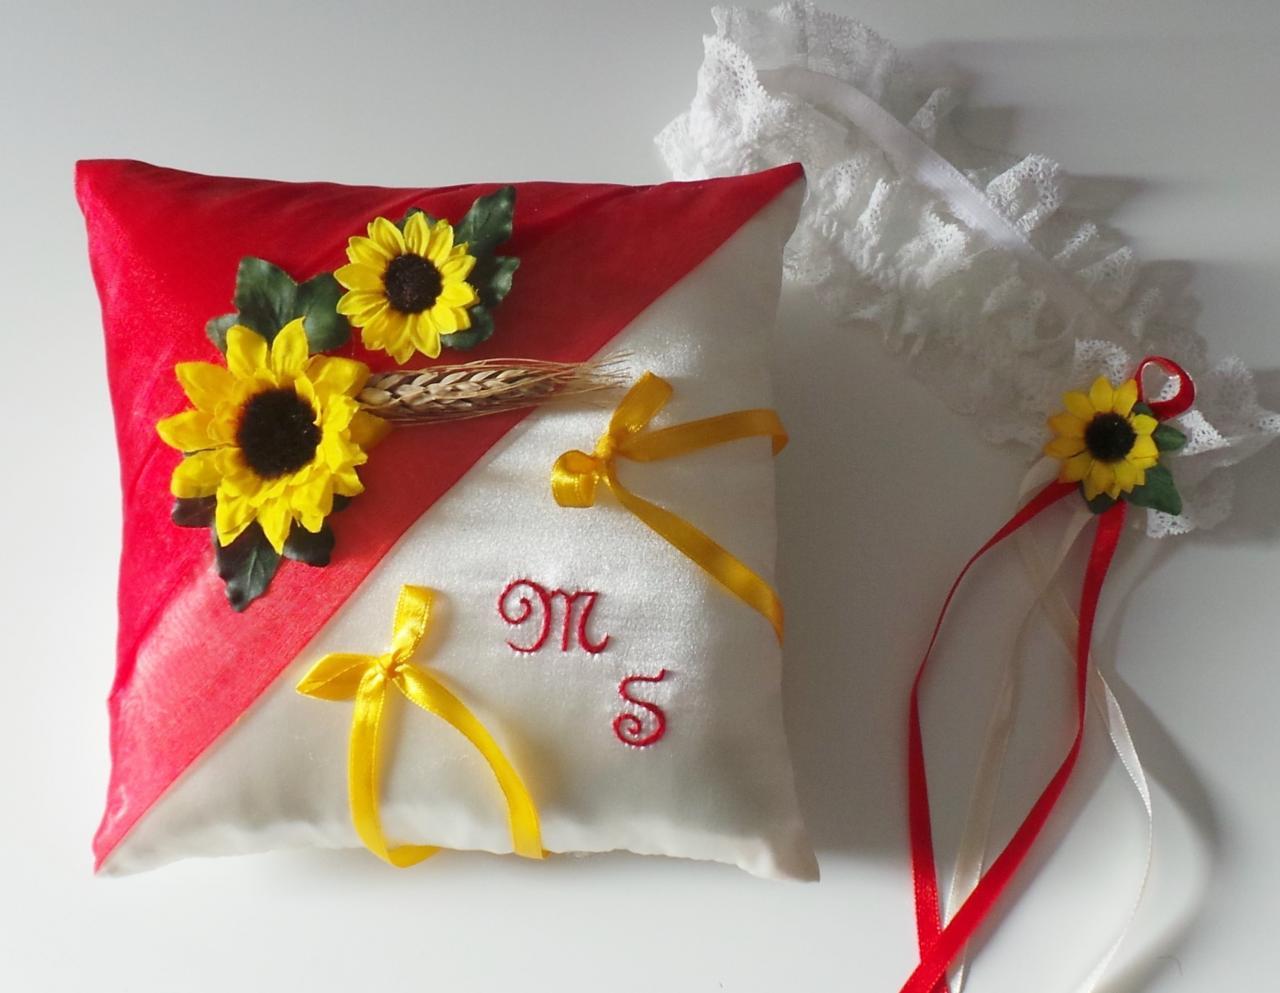 Coussin alliances champêtre rouge jaune tournesol personnalisé